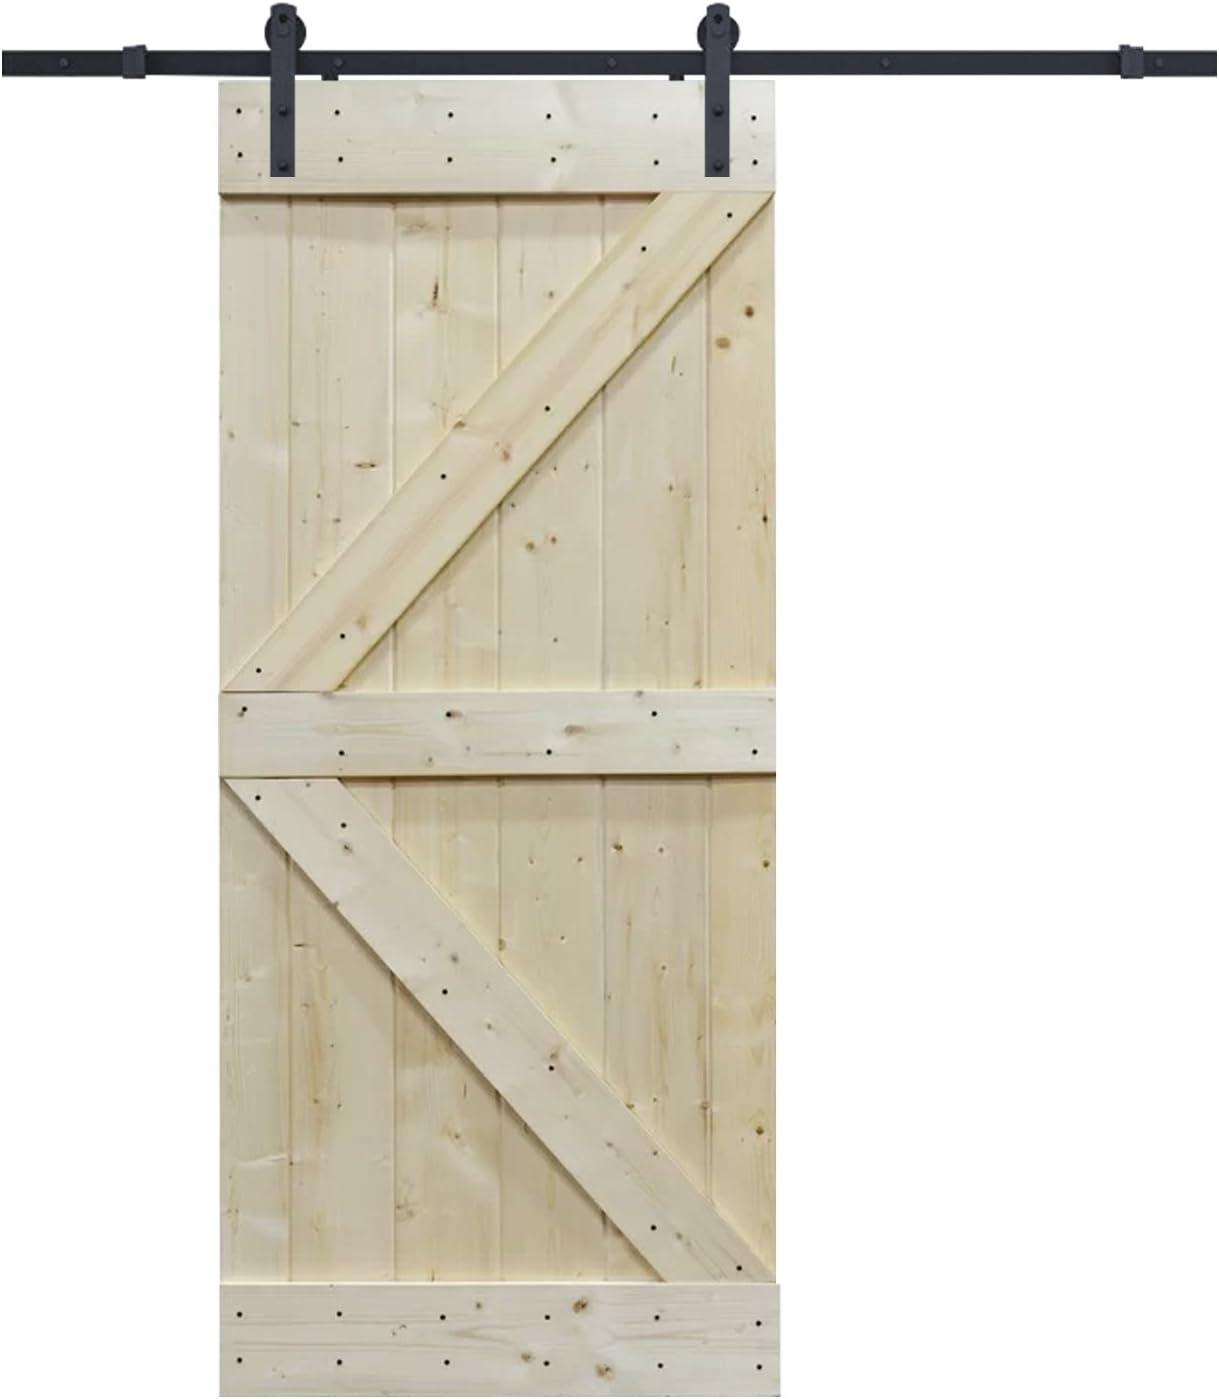 6 m, Frosted Negro Puerta Corredera hardware set con placa de pino madera maciza sin interior puerta de granero: Amazon.es: Bricolaje y herramientas